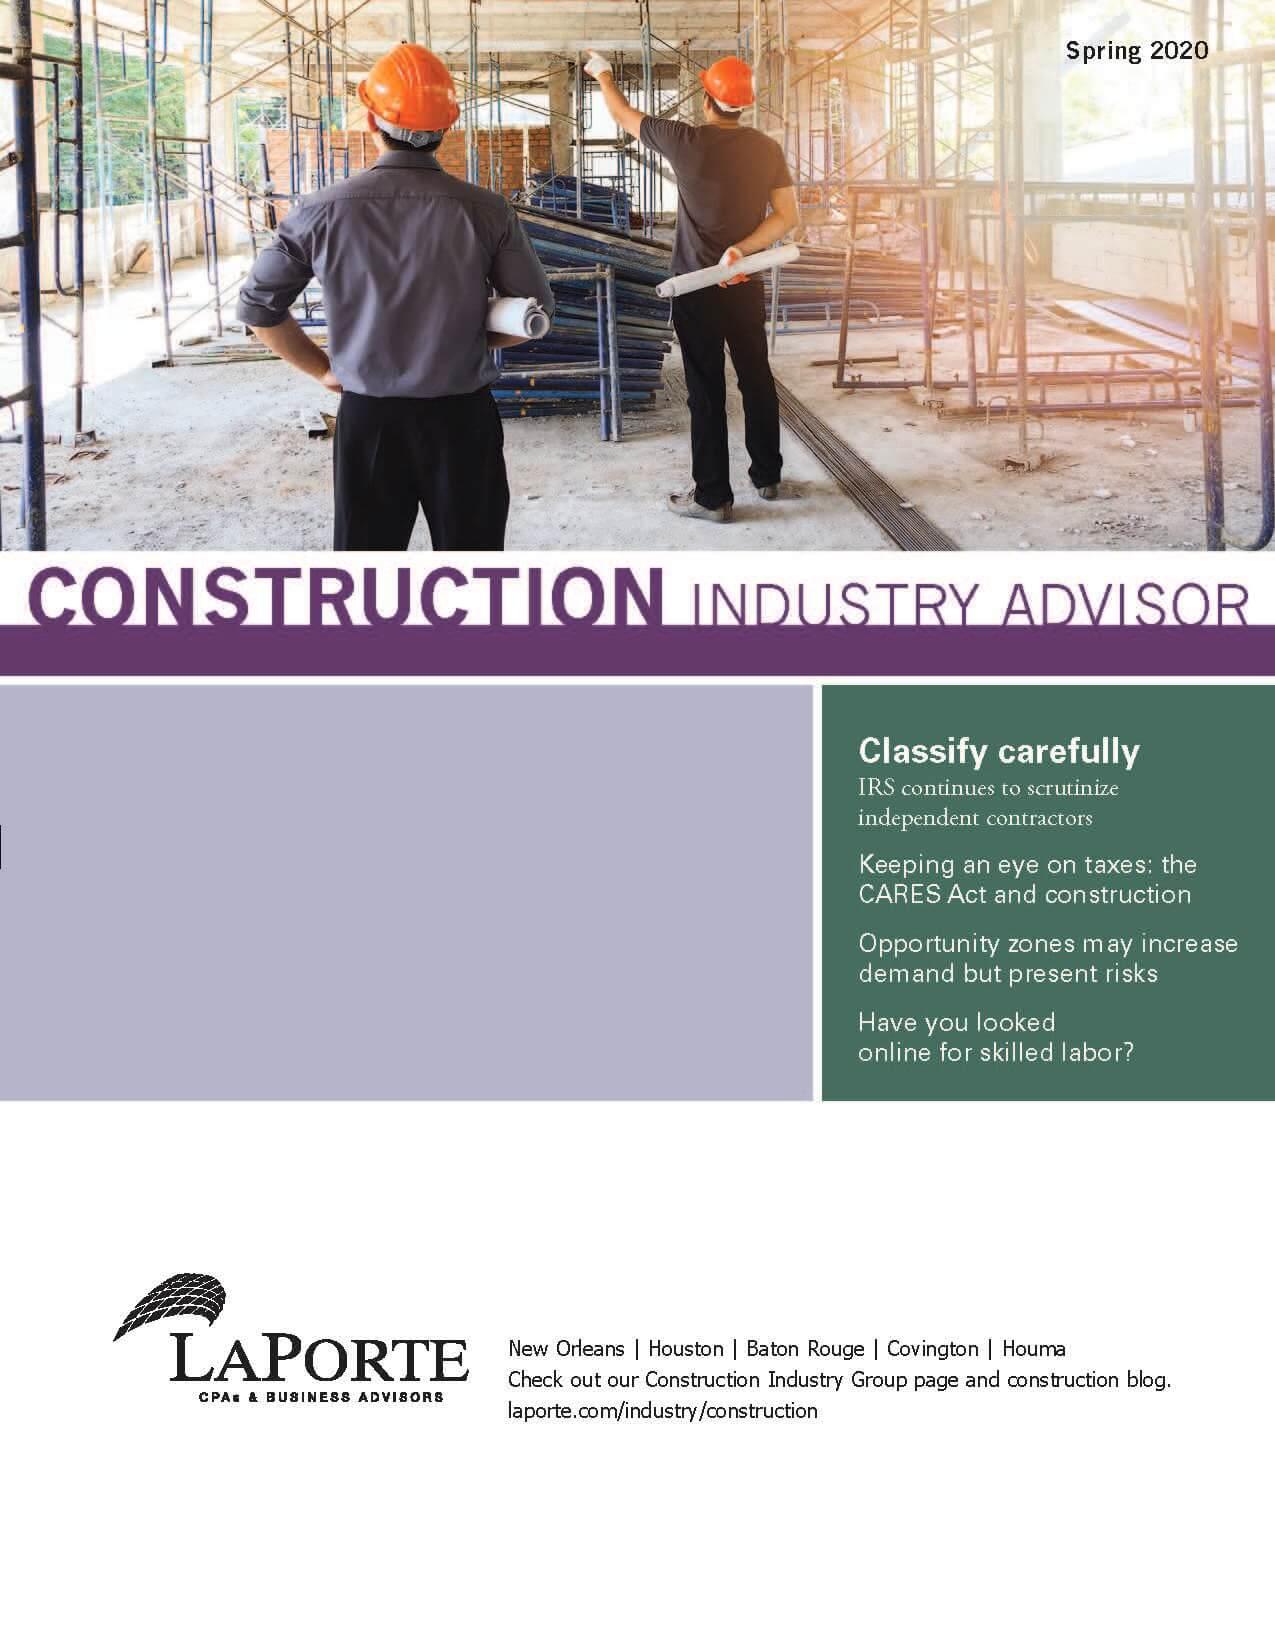 Construction Industry Advisor Spring 2020